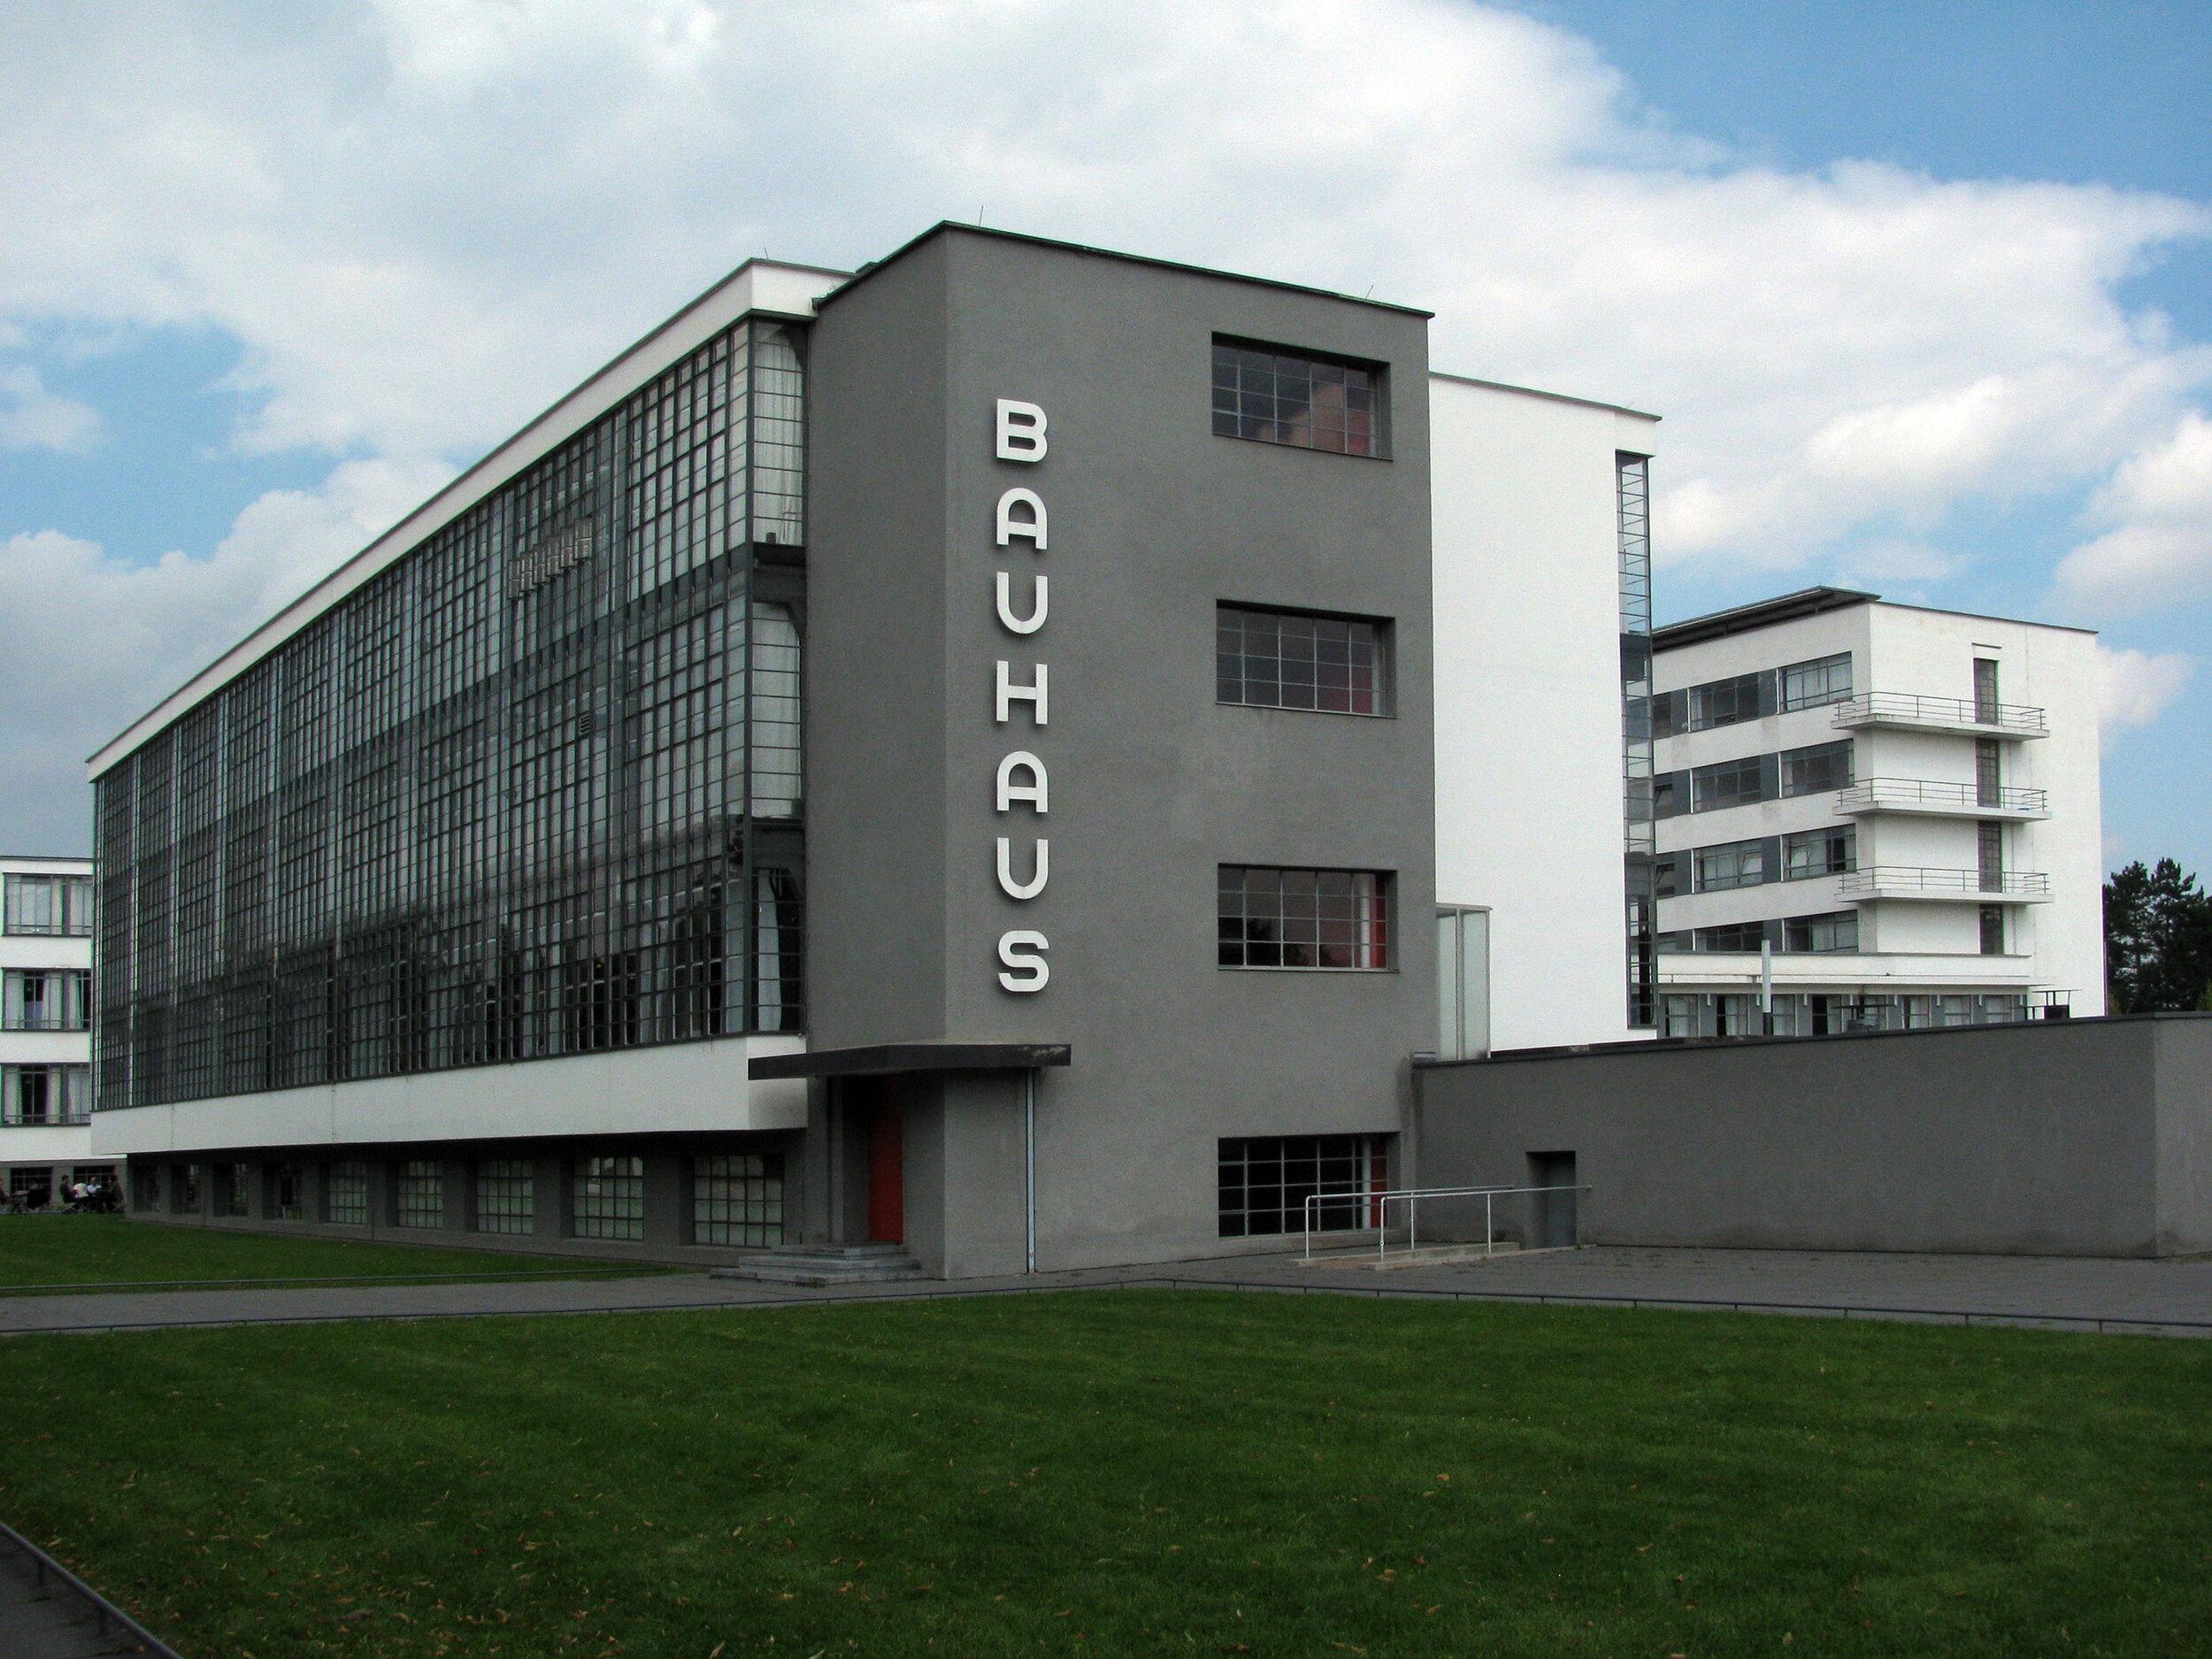 Bauhaus 7.jpg